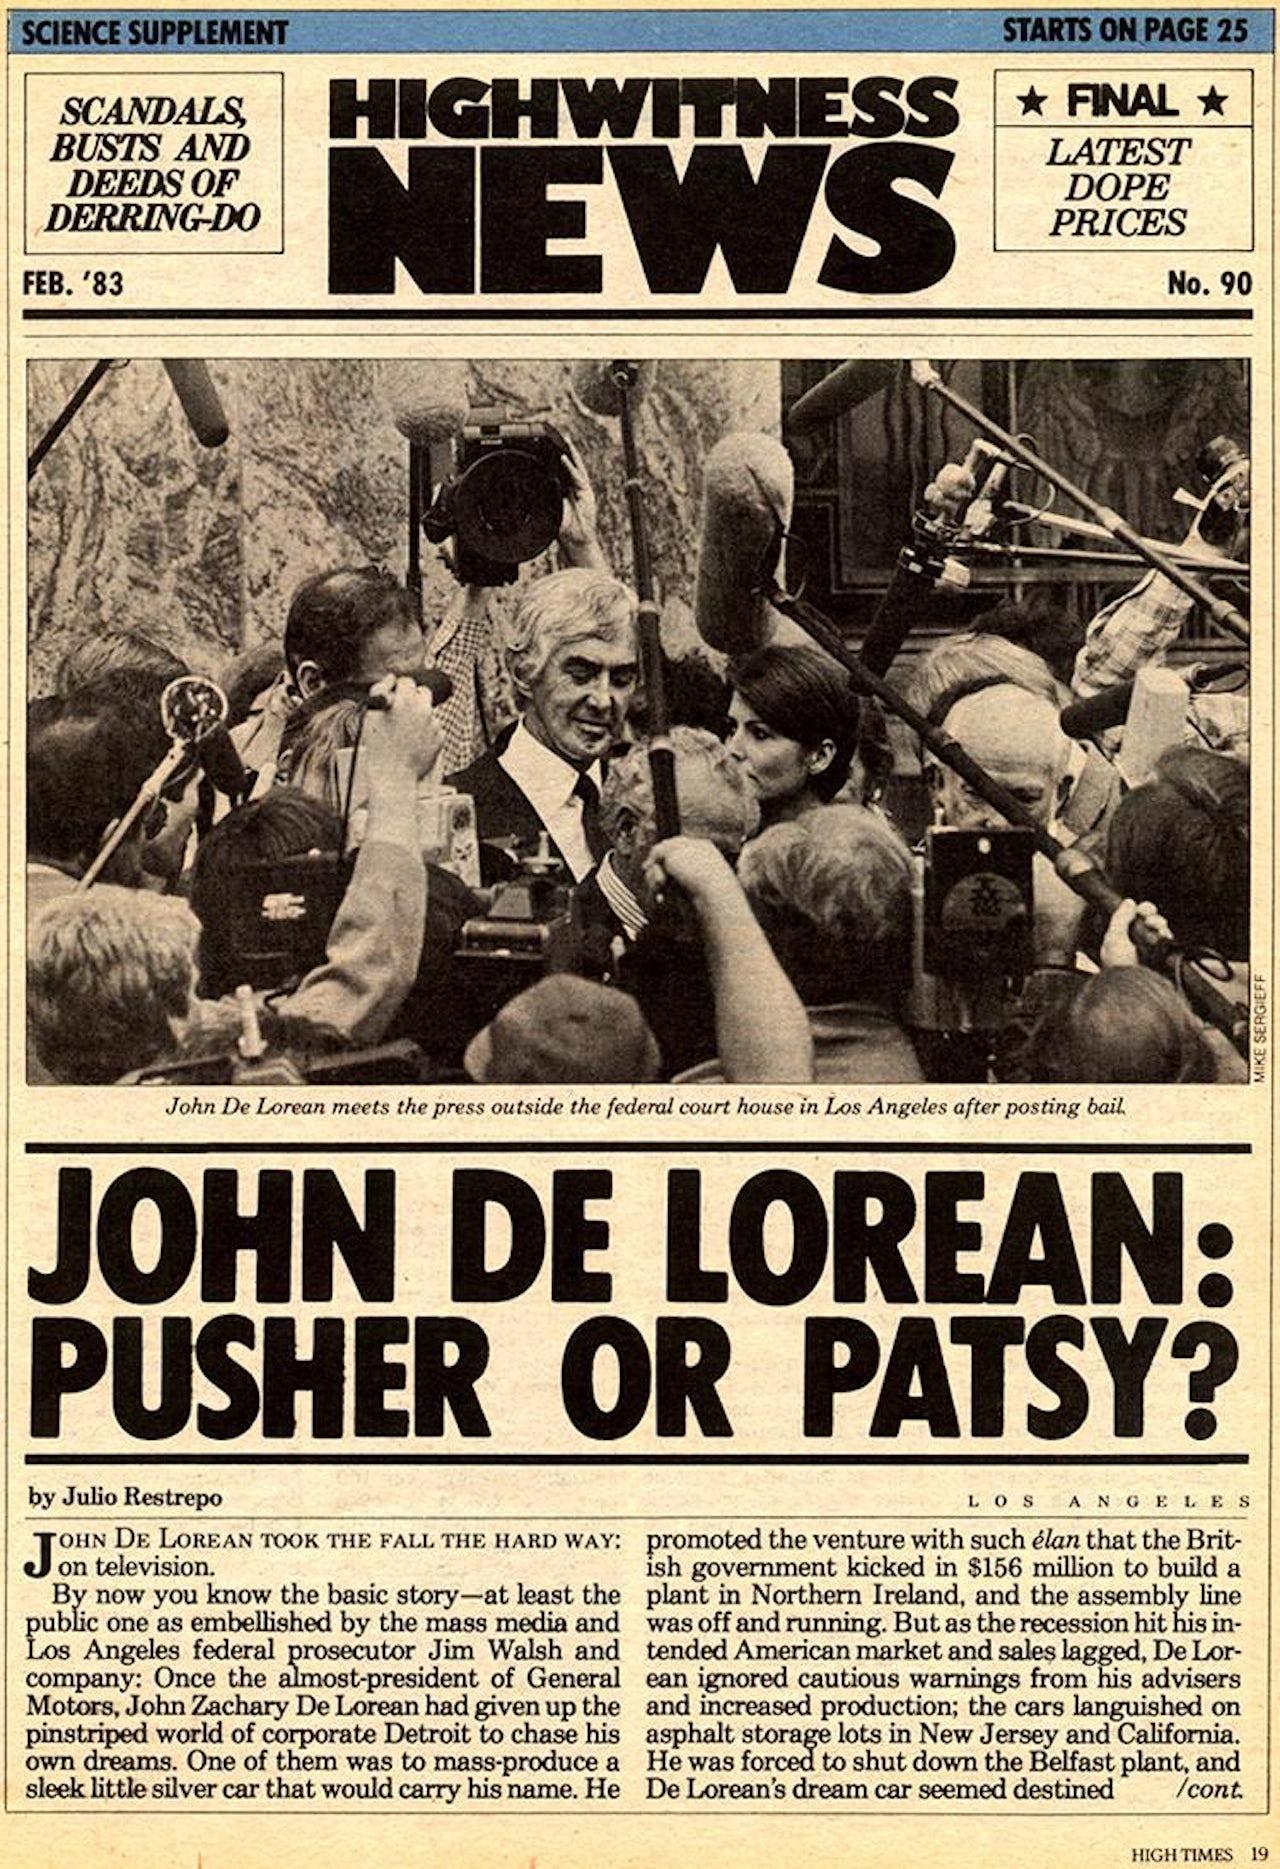 Highwitness News, February 1983.